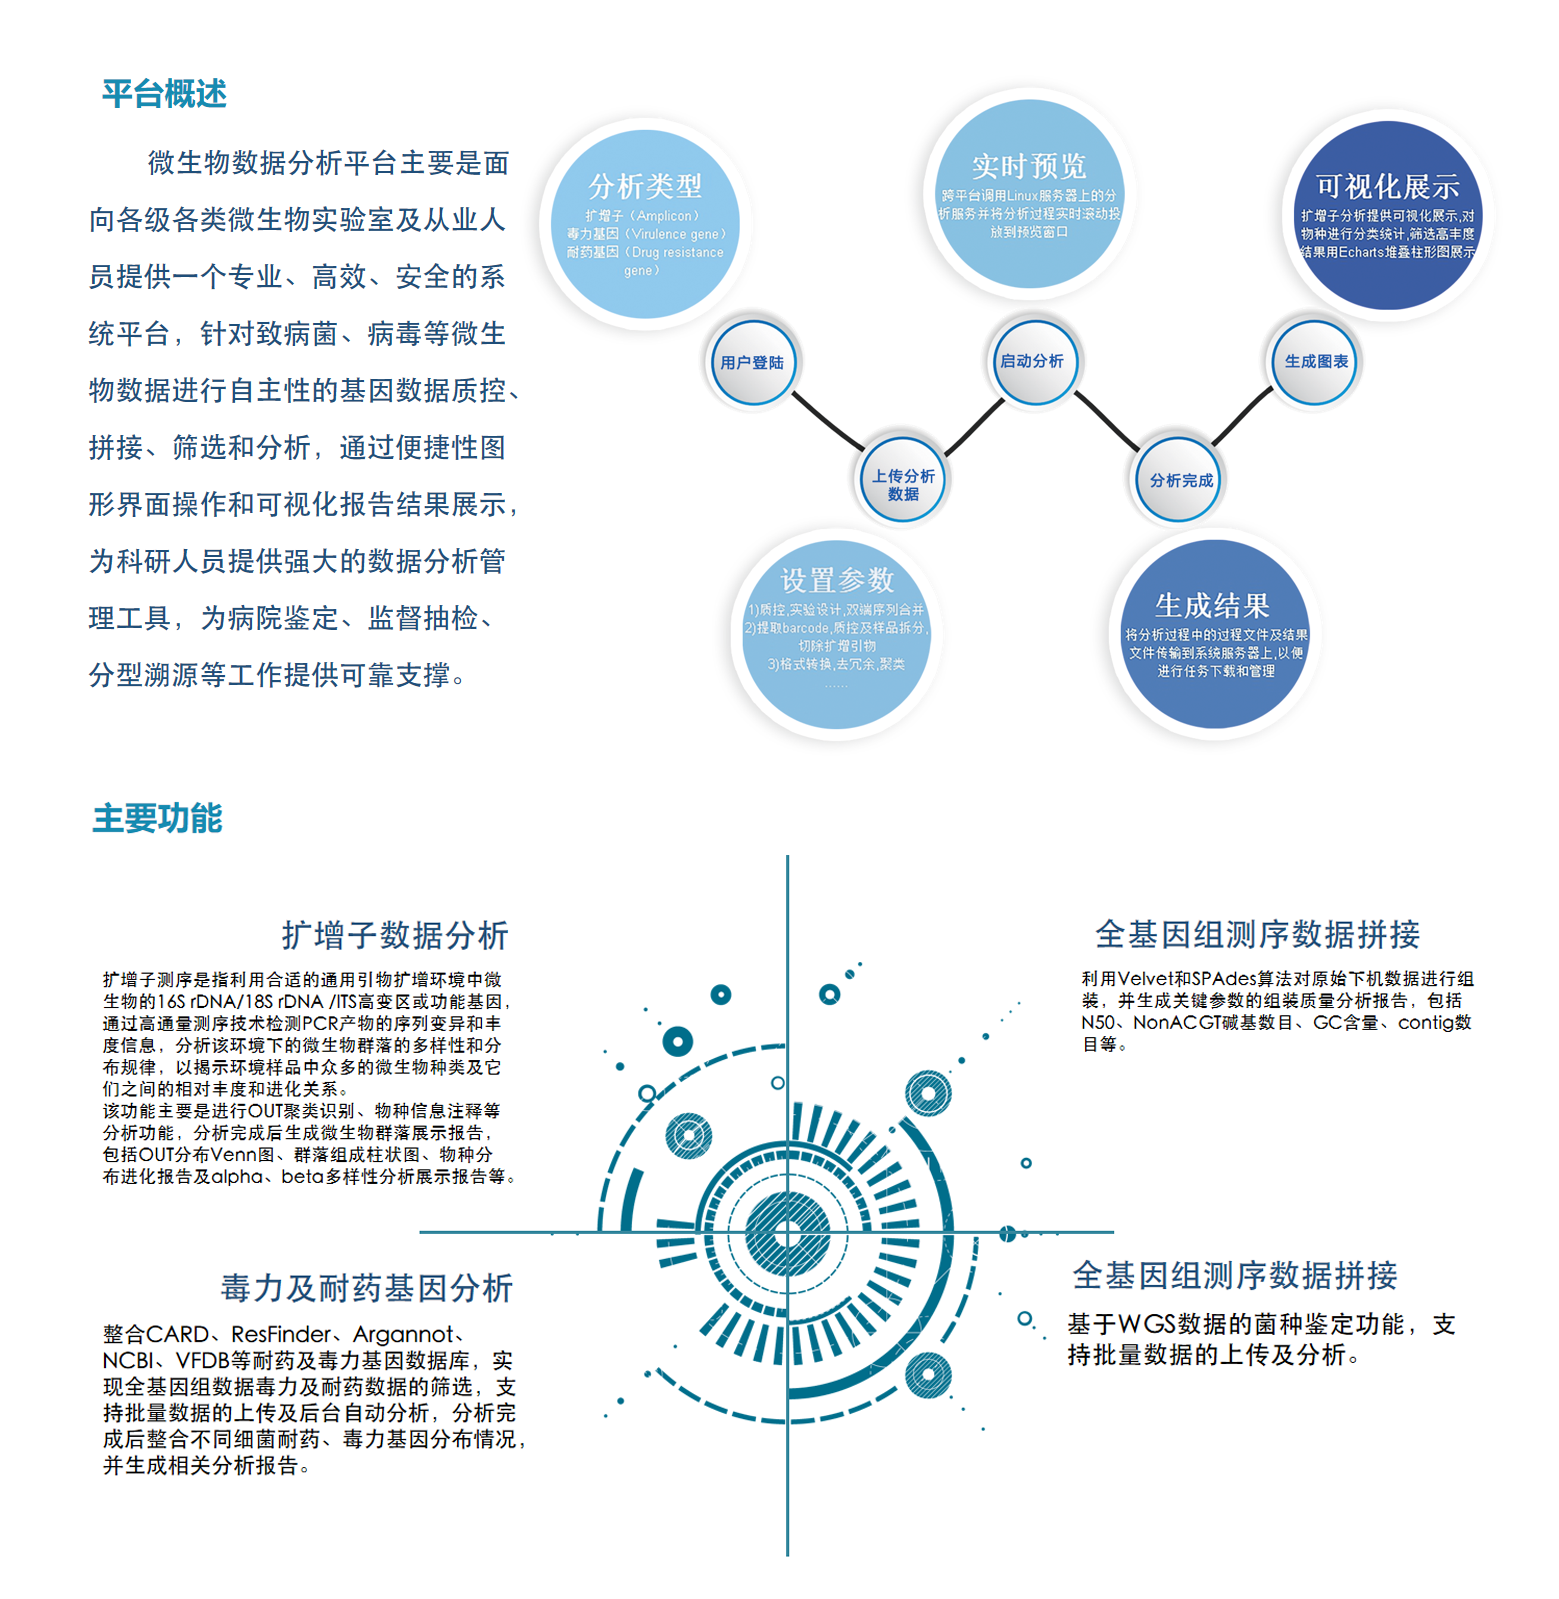 微生物数据分析综合服务平台-